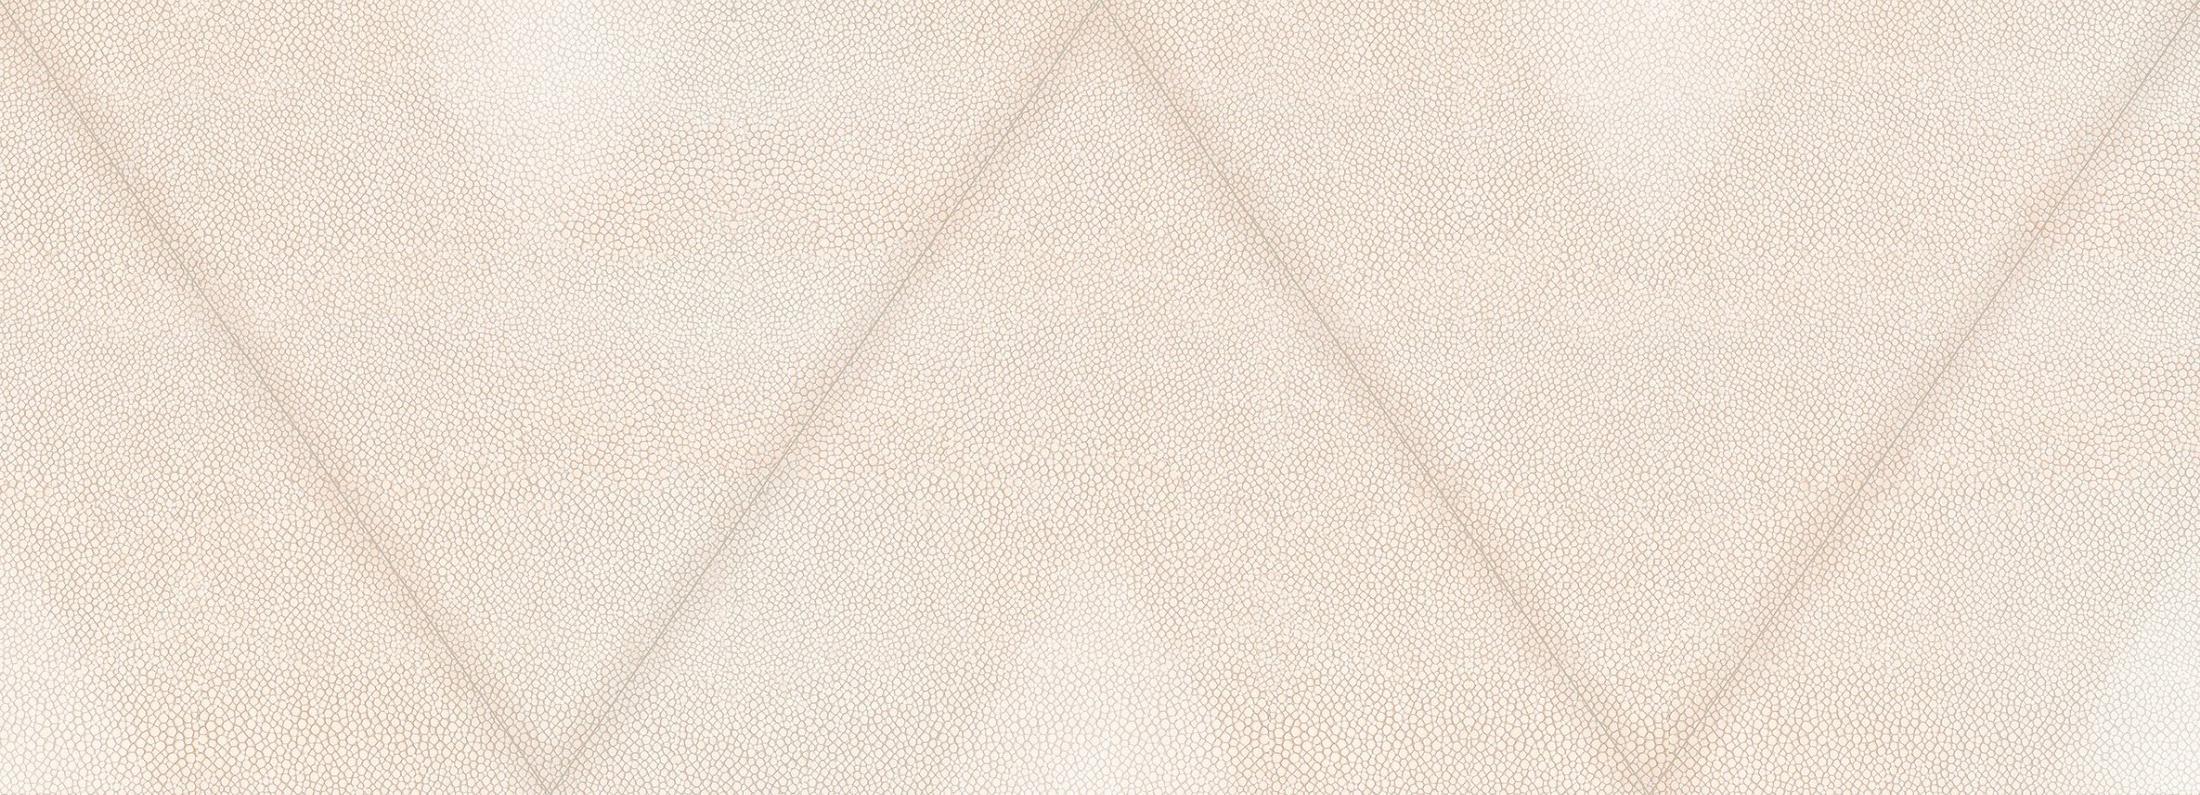 Купить Керамическая плитка AltaСera Lozenge Beige WT11SLZ11 настенная 20x60, Россия